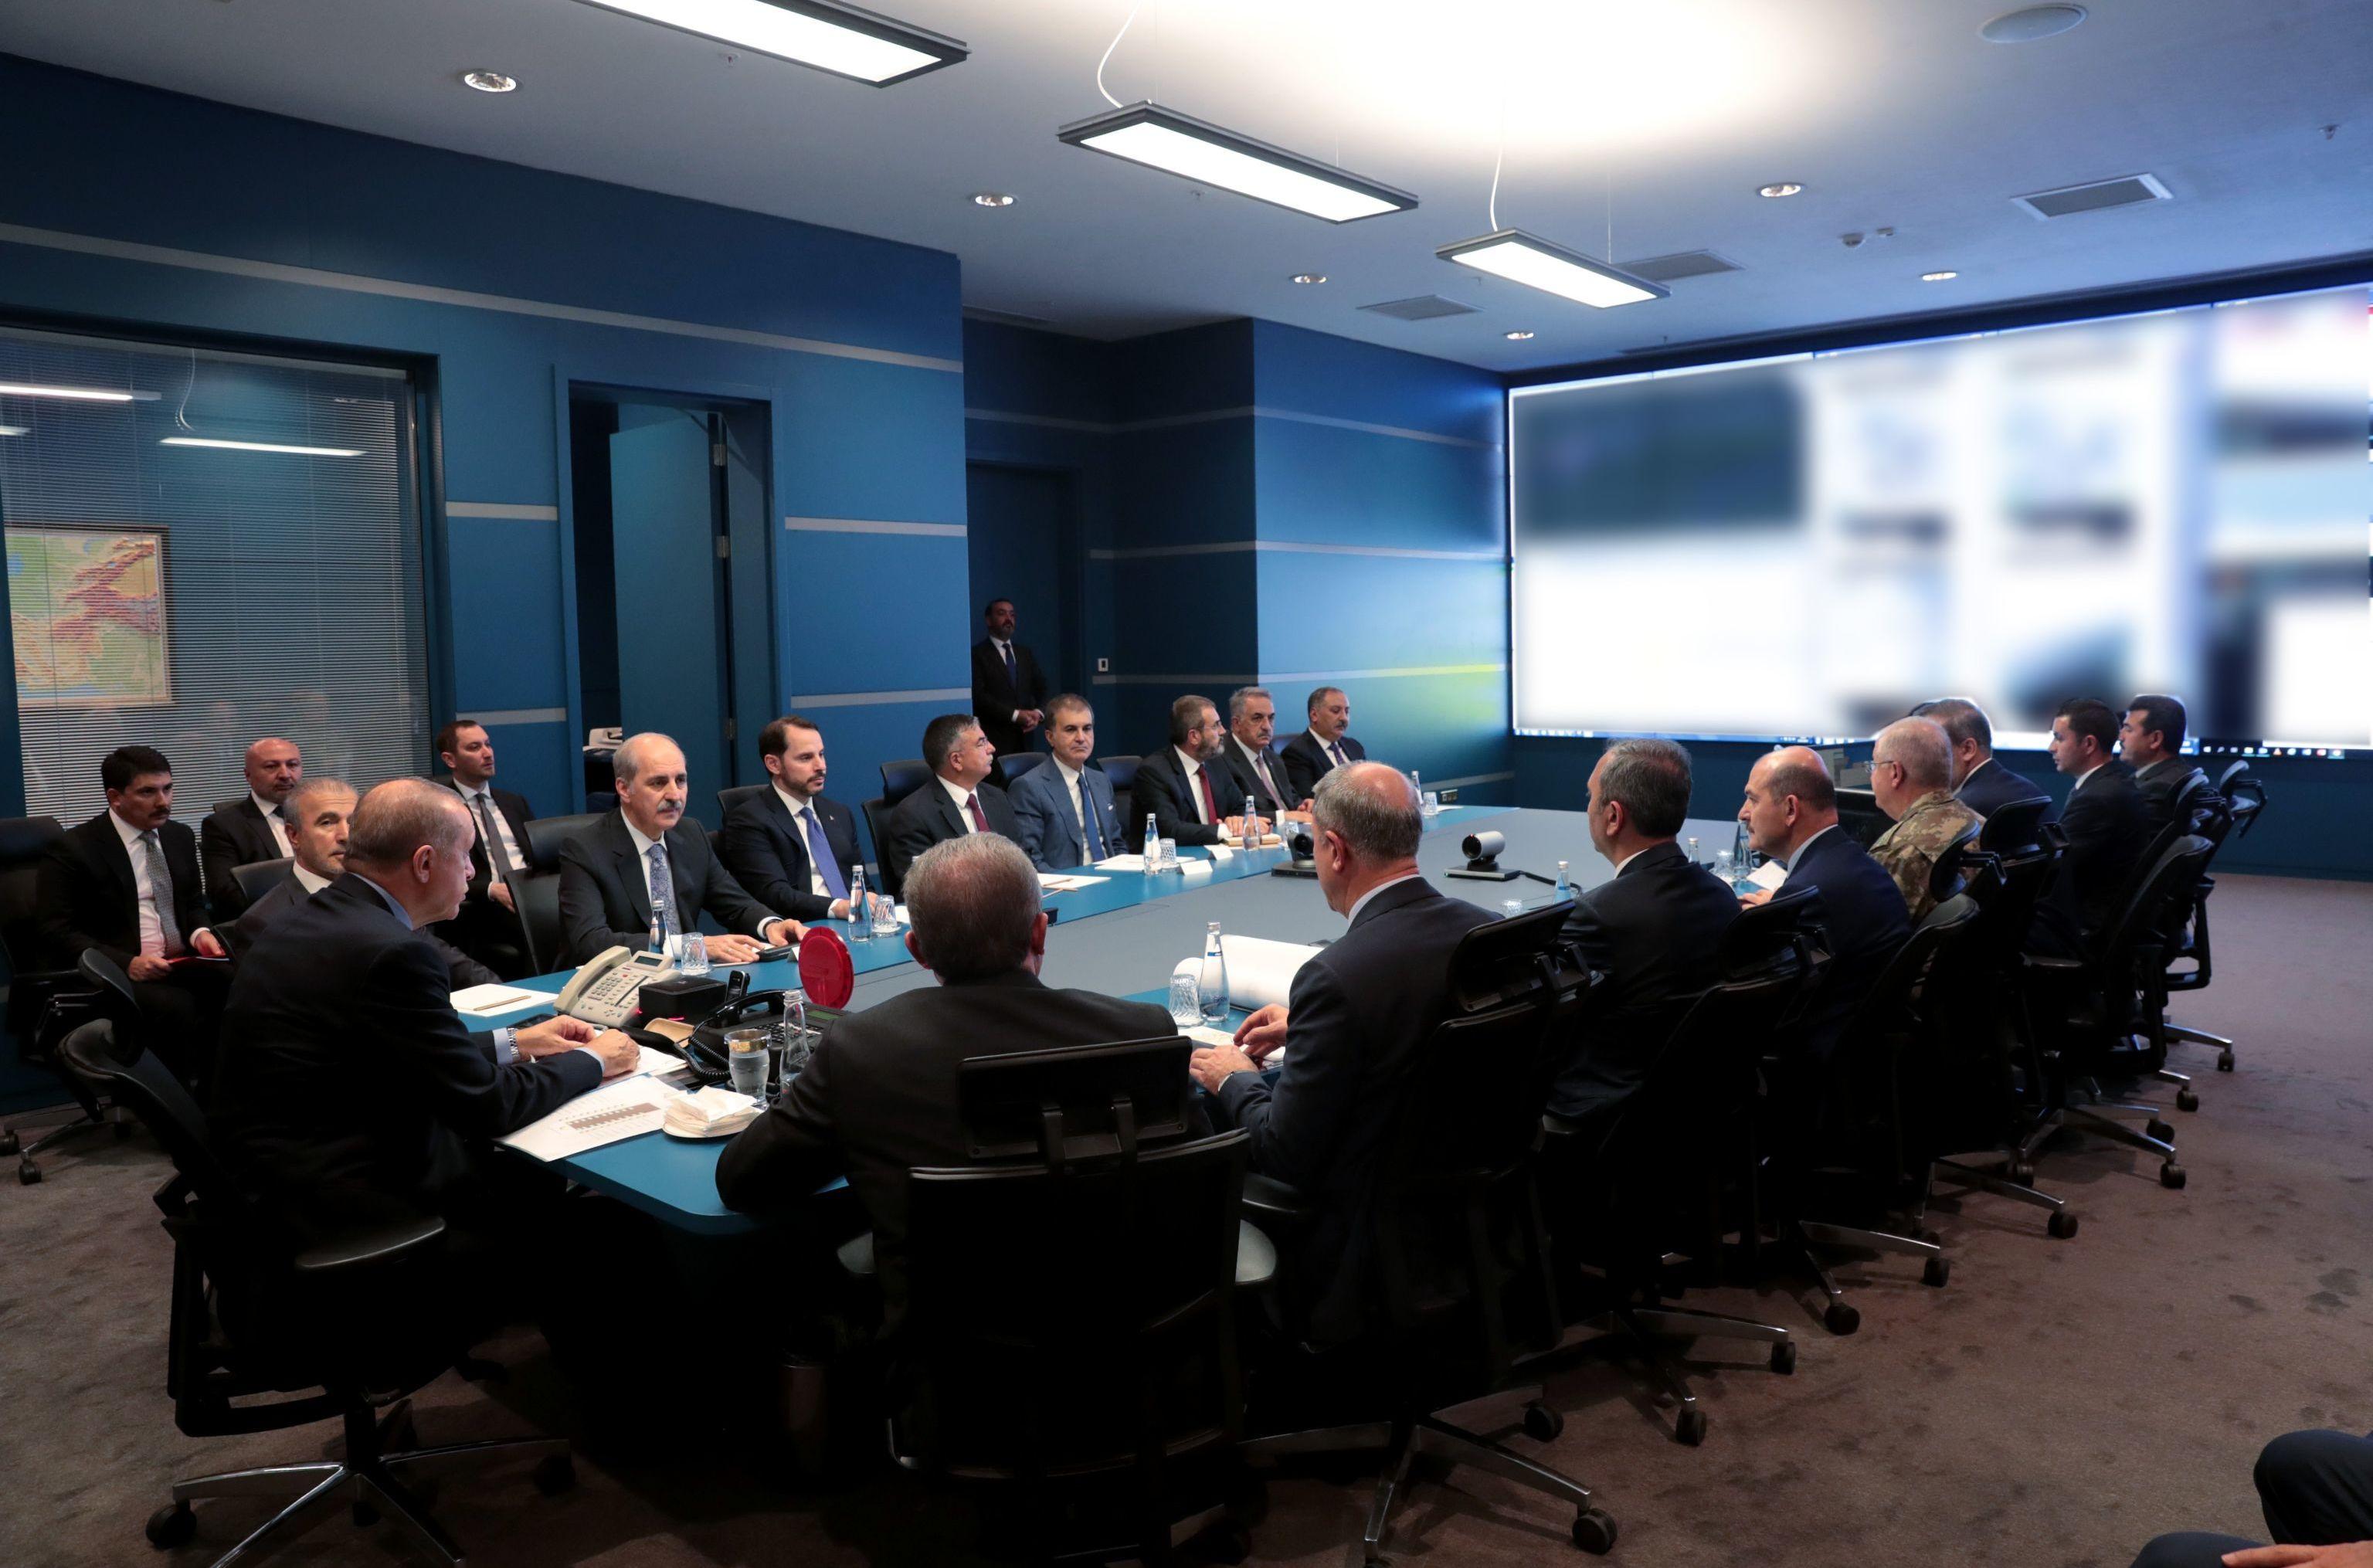 Cumhurbaşkanı Recep Tayyip Erdoğan başkanlığında yapılan Barış Pınarı Harekatı Koordinasyon Toplantısı sona erdi.